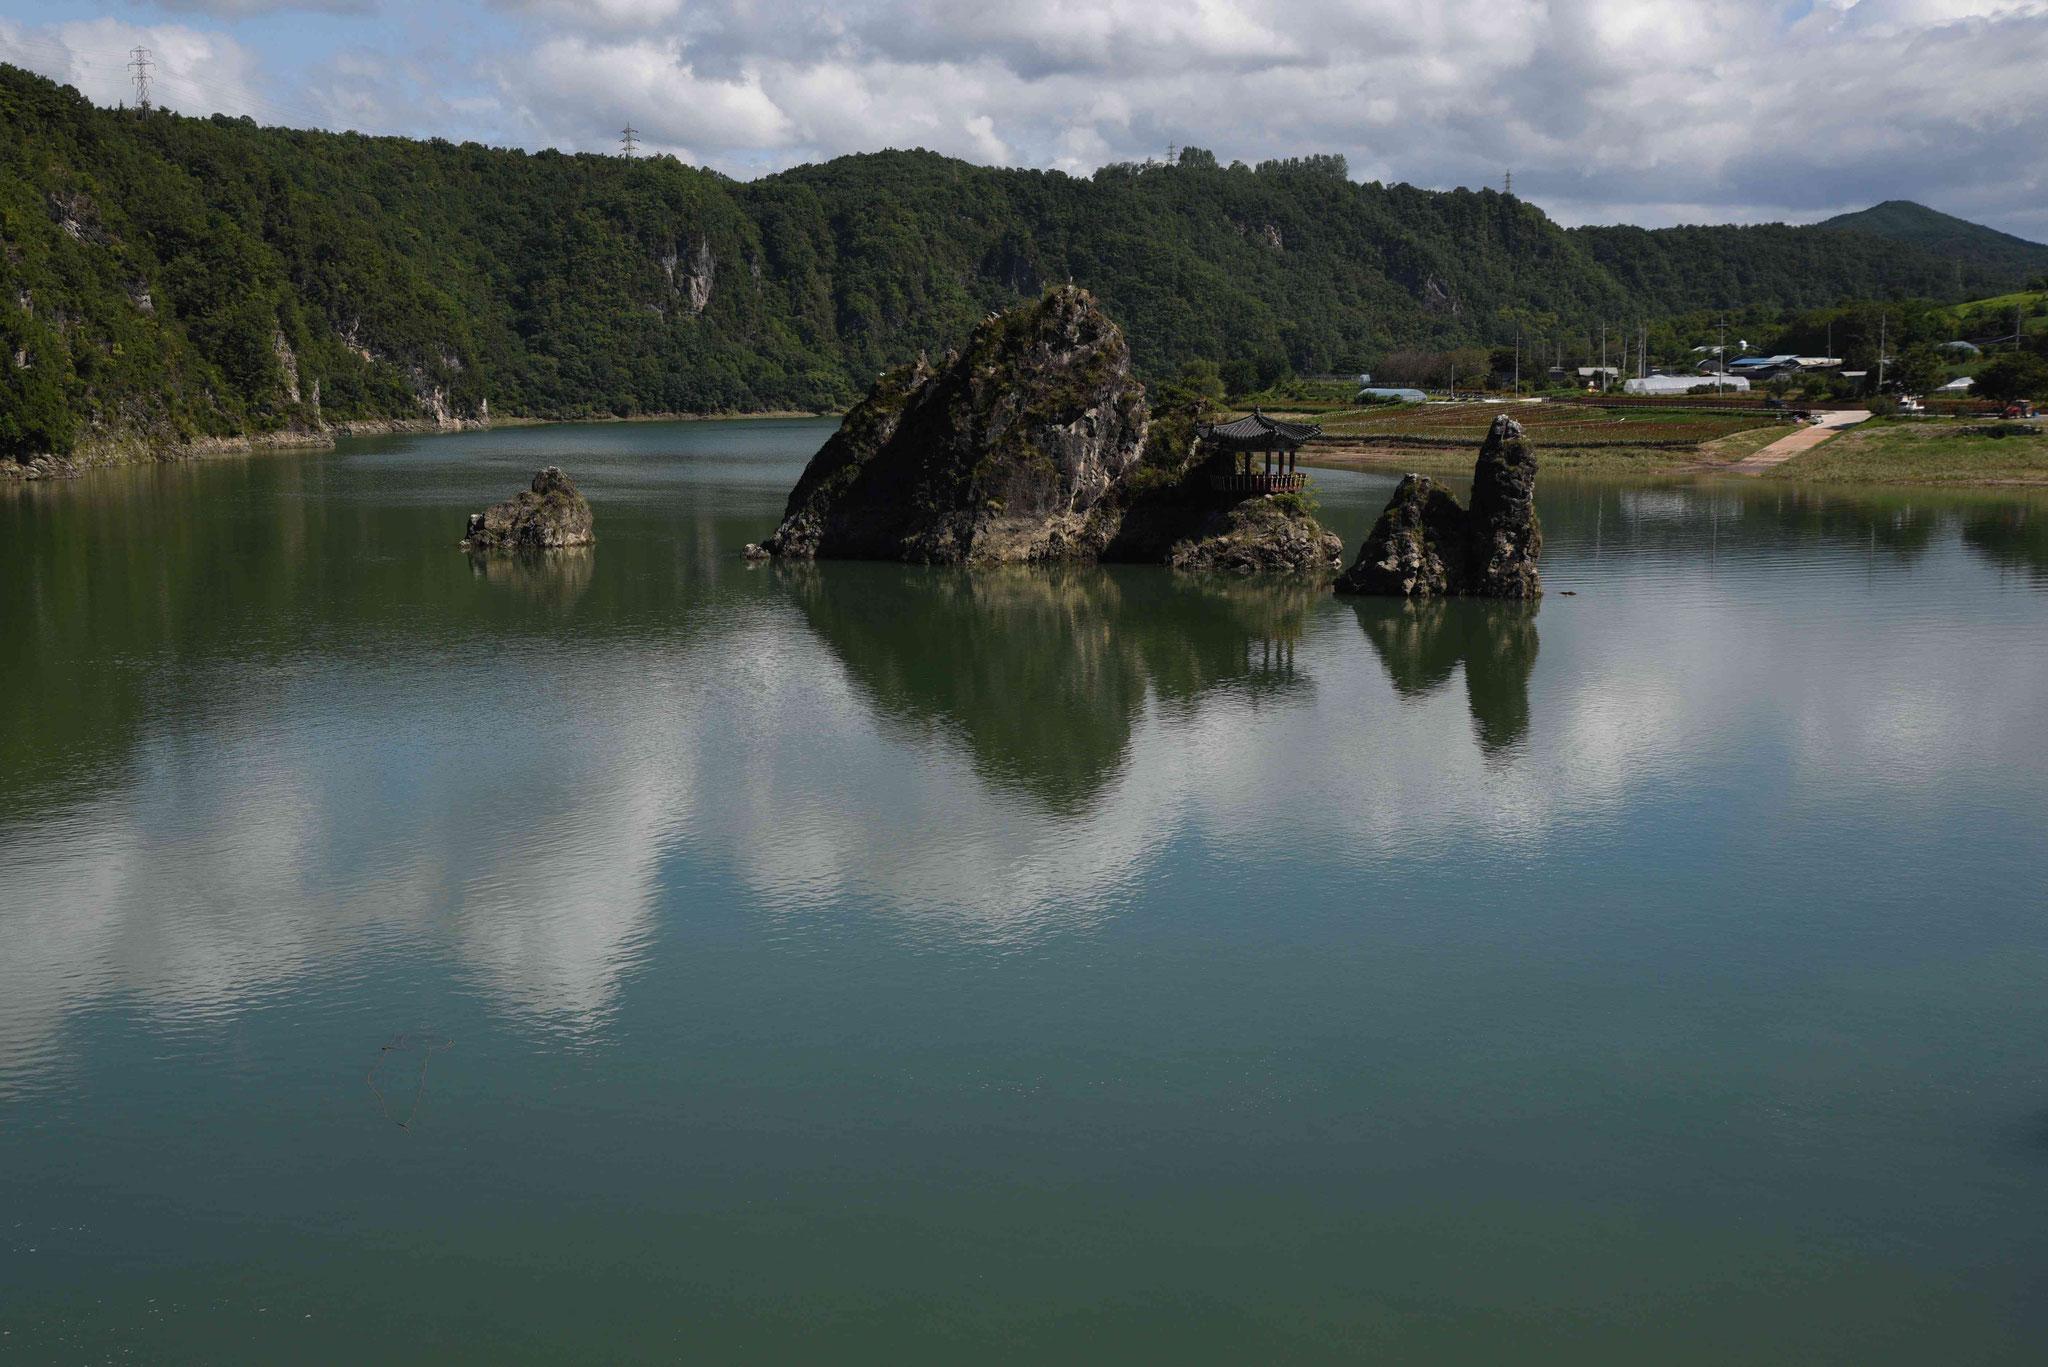 Dodam Rocks in Danyang